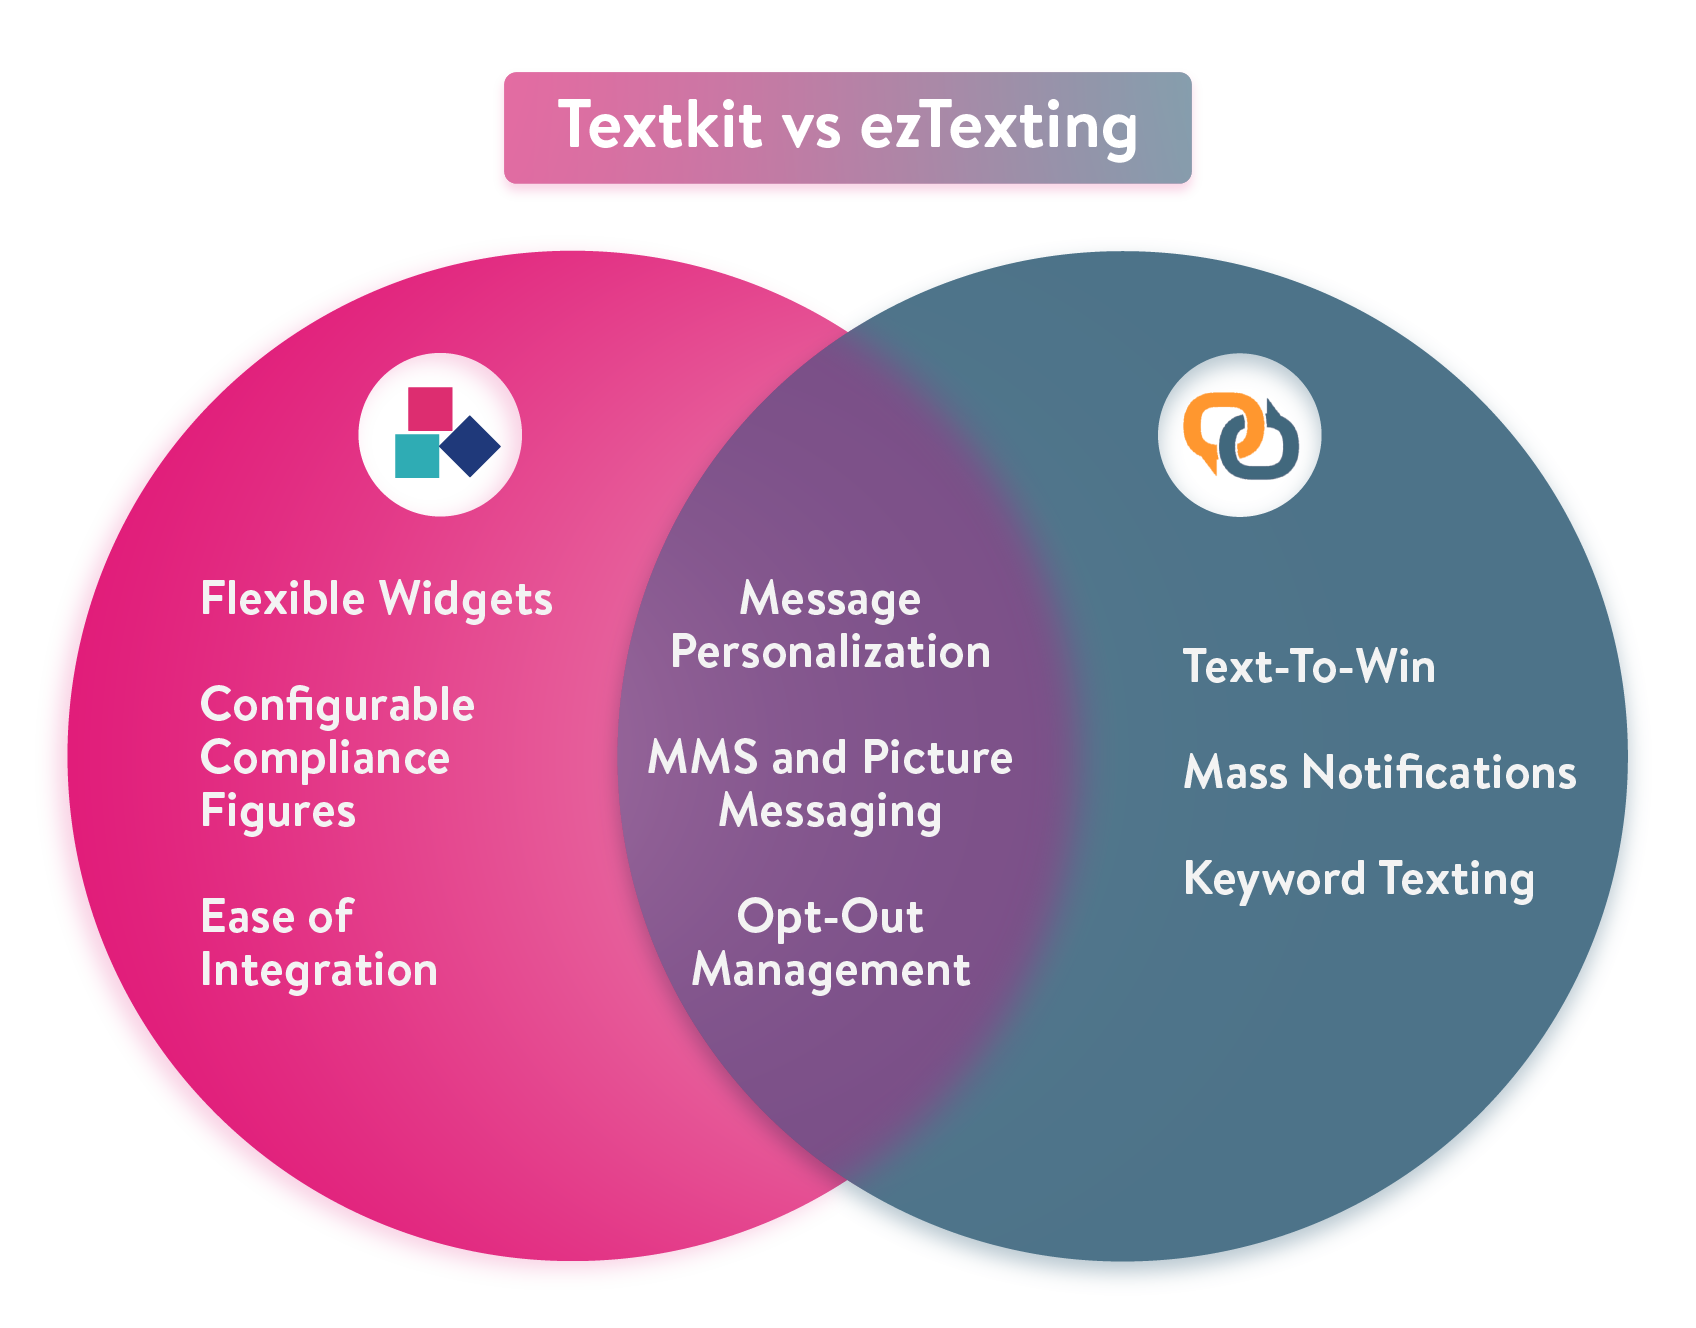 TextKit vs ezTexting